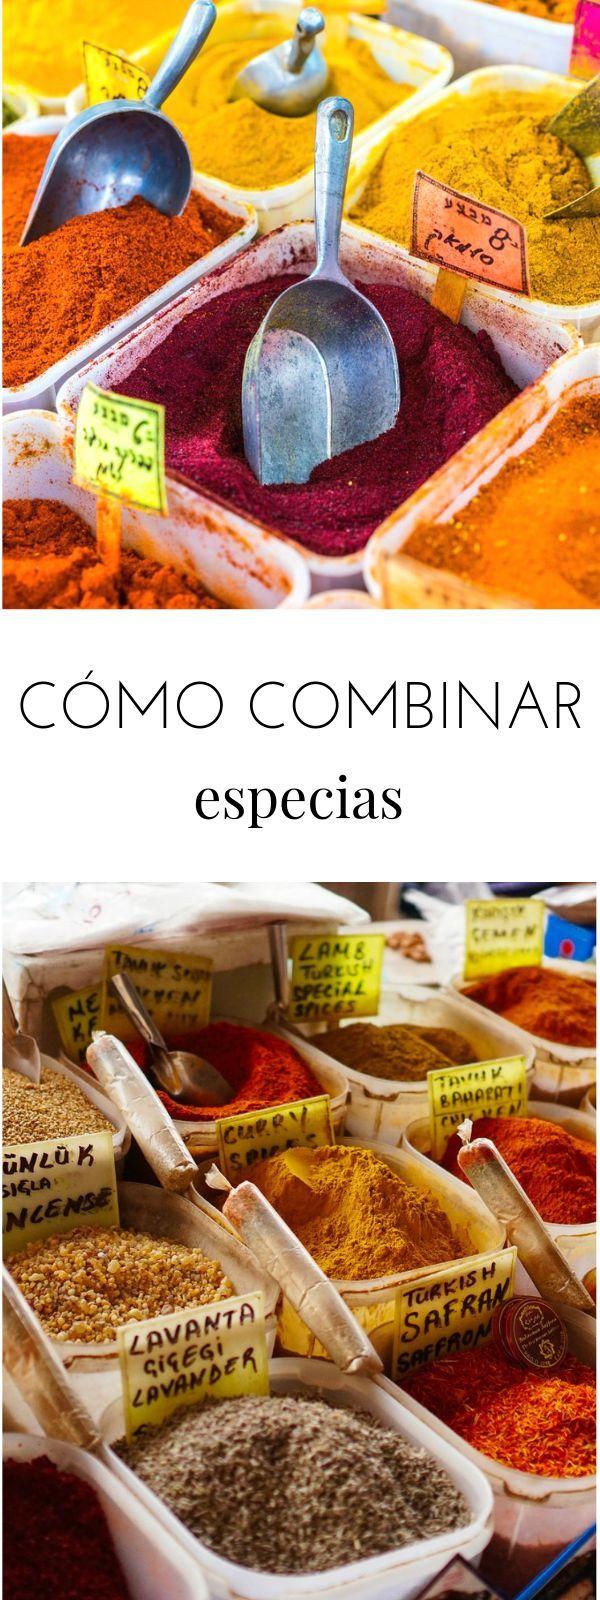 Cómo combinar especias: Añade sabor a tus platos